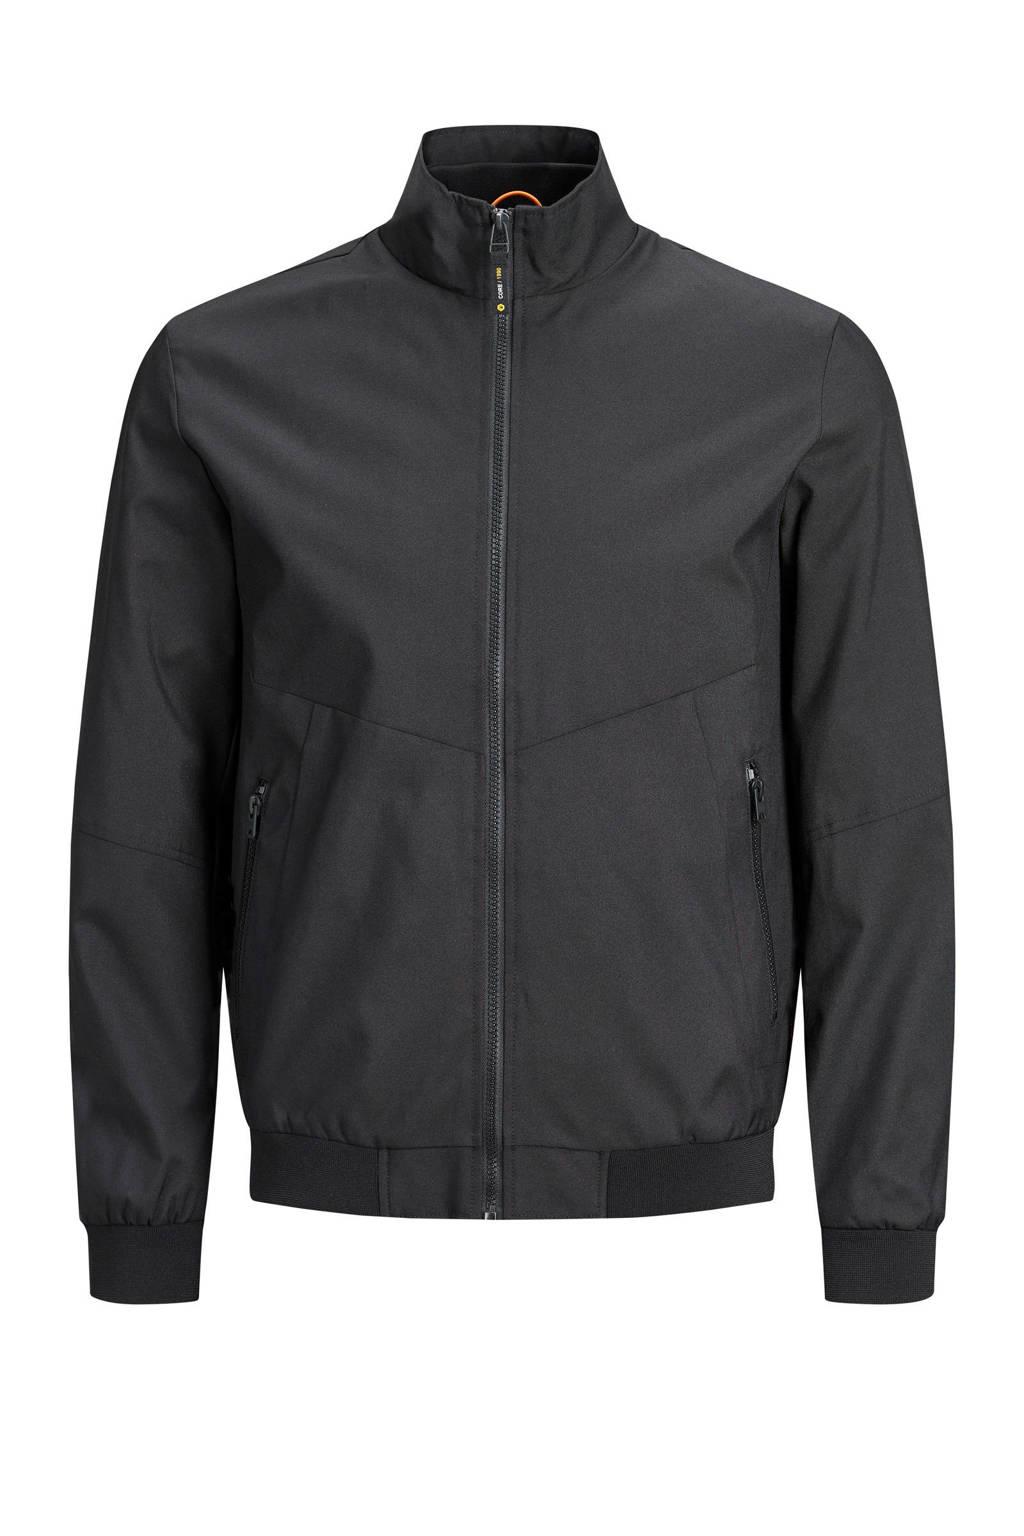 Jack & Jones Core jas, Zwart